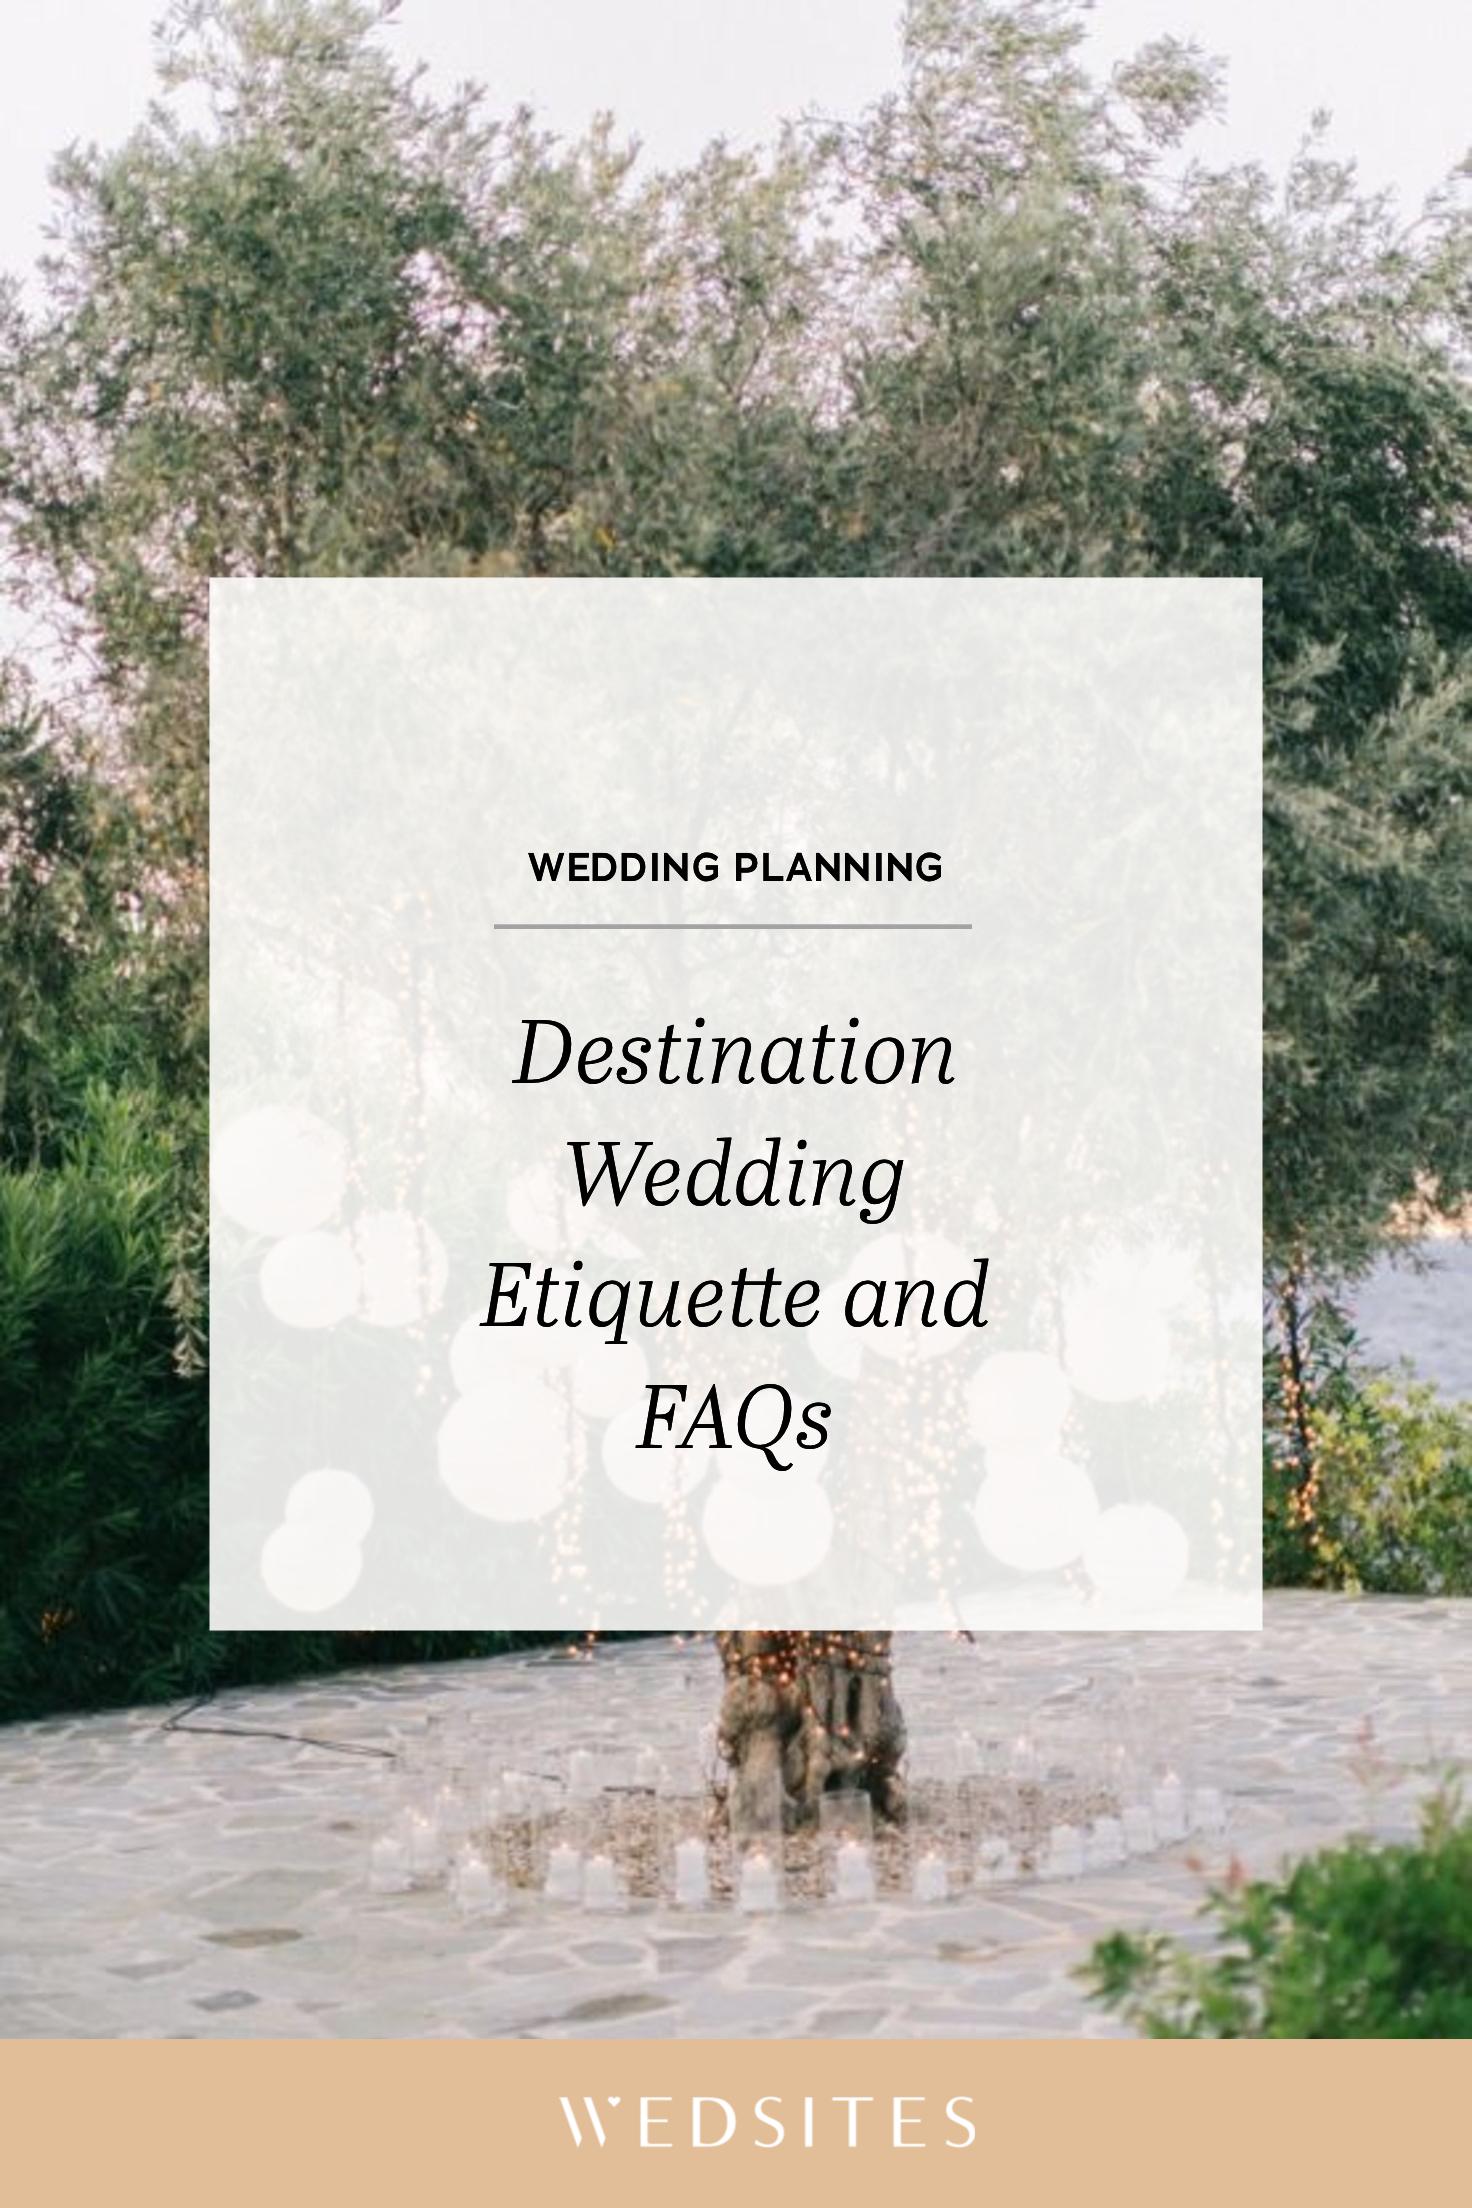 Destination Wedding Etiquette Advice For The Modern Bride In 2020 Destination Wedding Etiquette Wedding Etiquette Destination Wedding